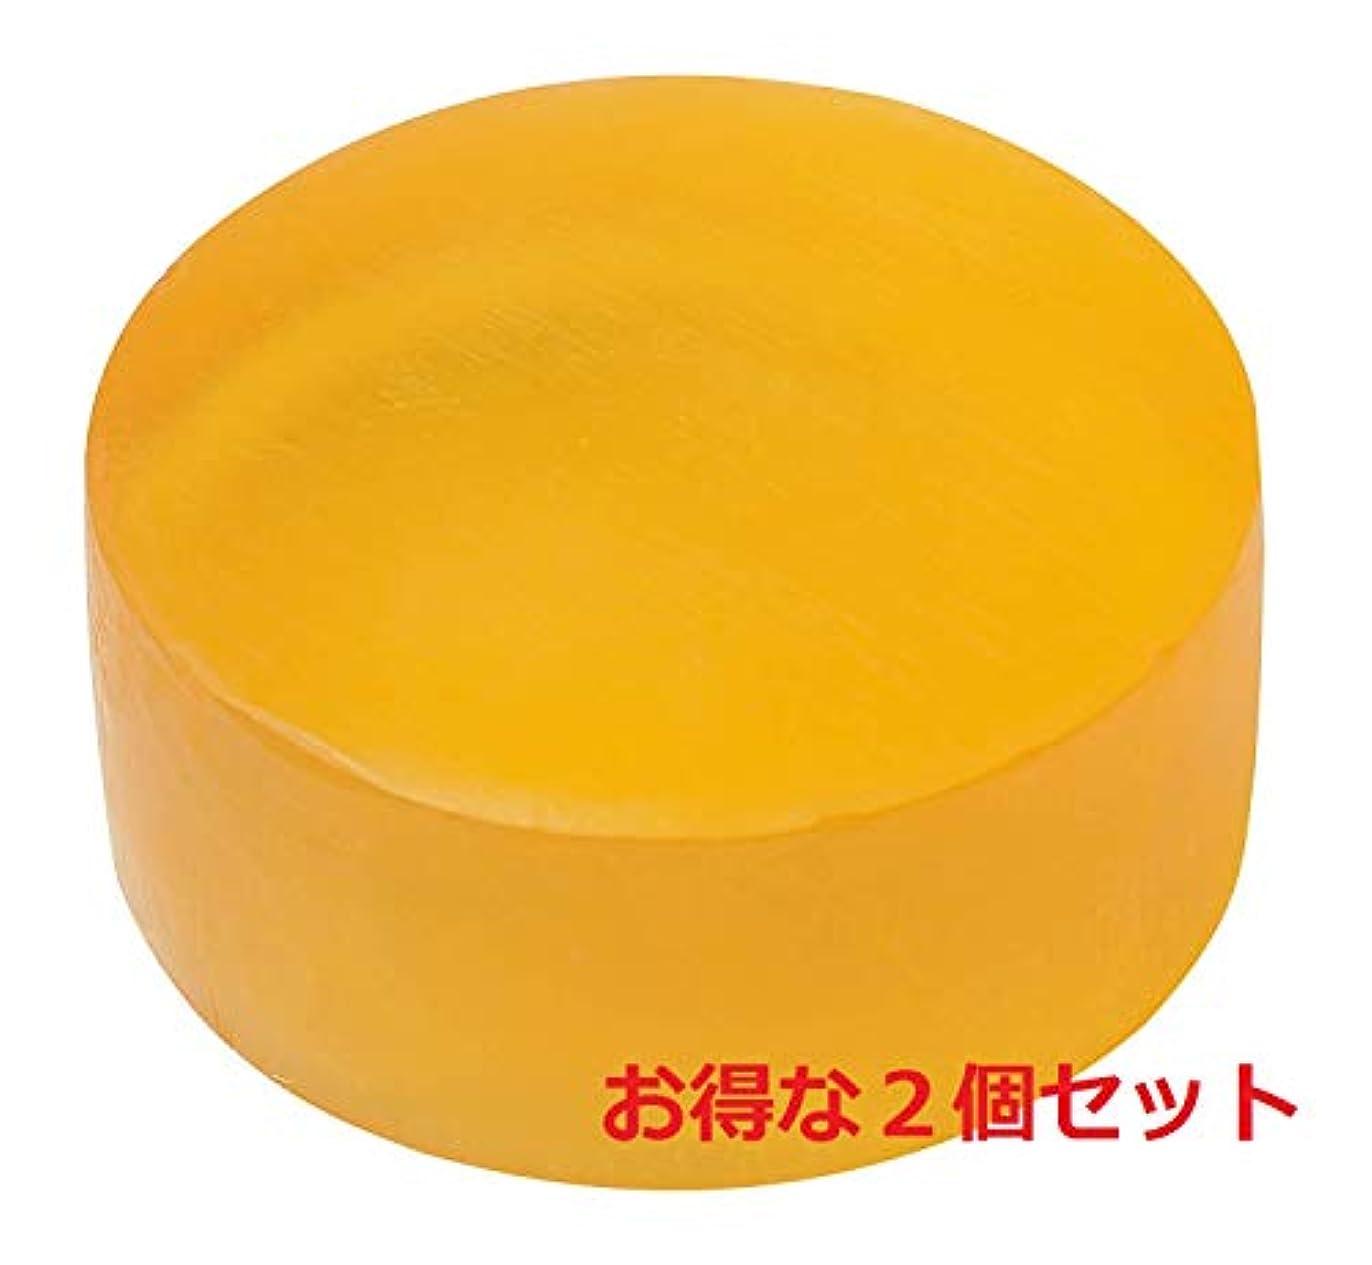 任命細菌断言するプラスリストア クレンジングソープ 熟成 洗顔石鹸 メイク落とし 2個セット